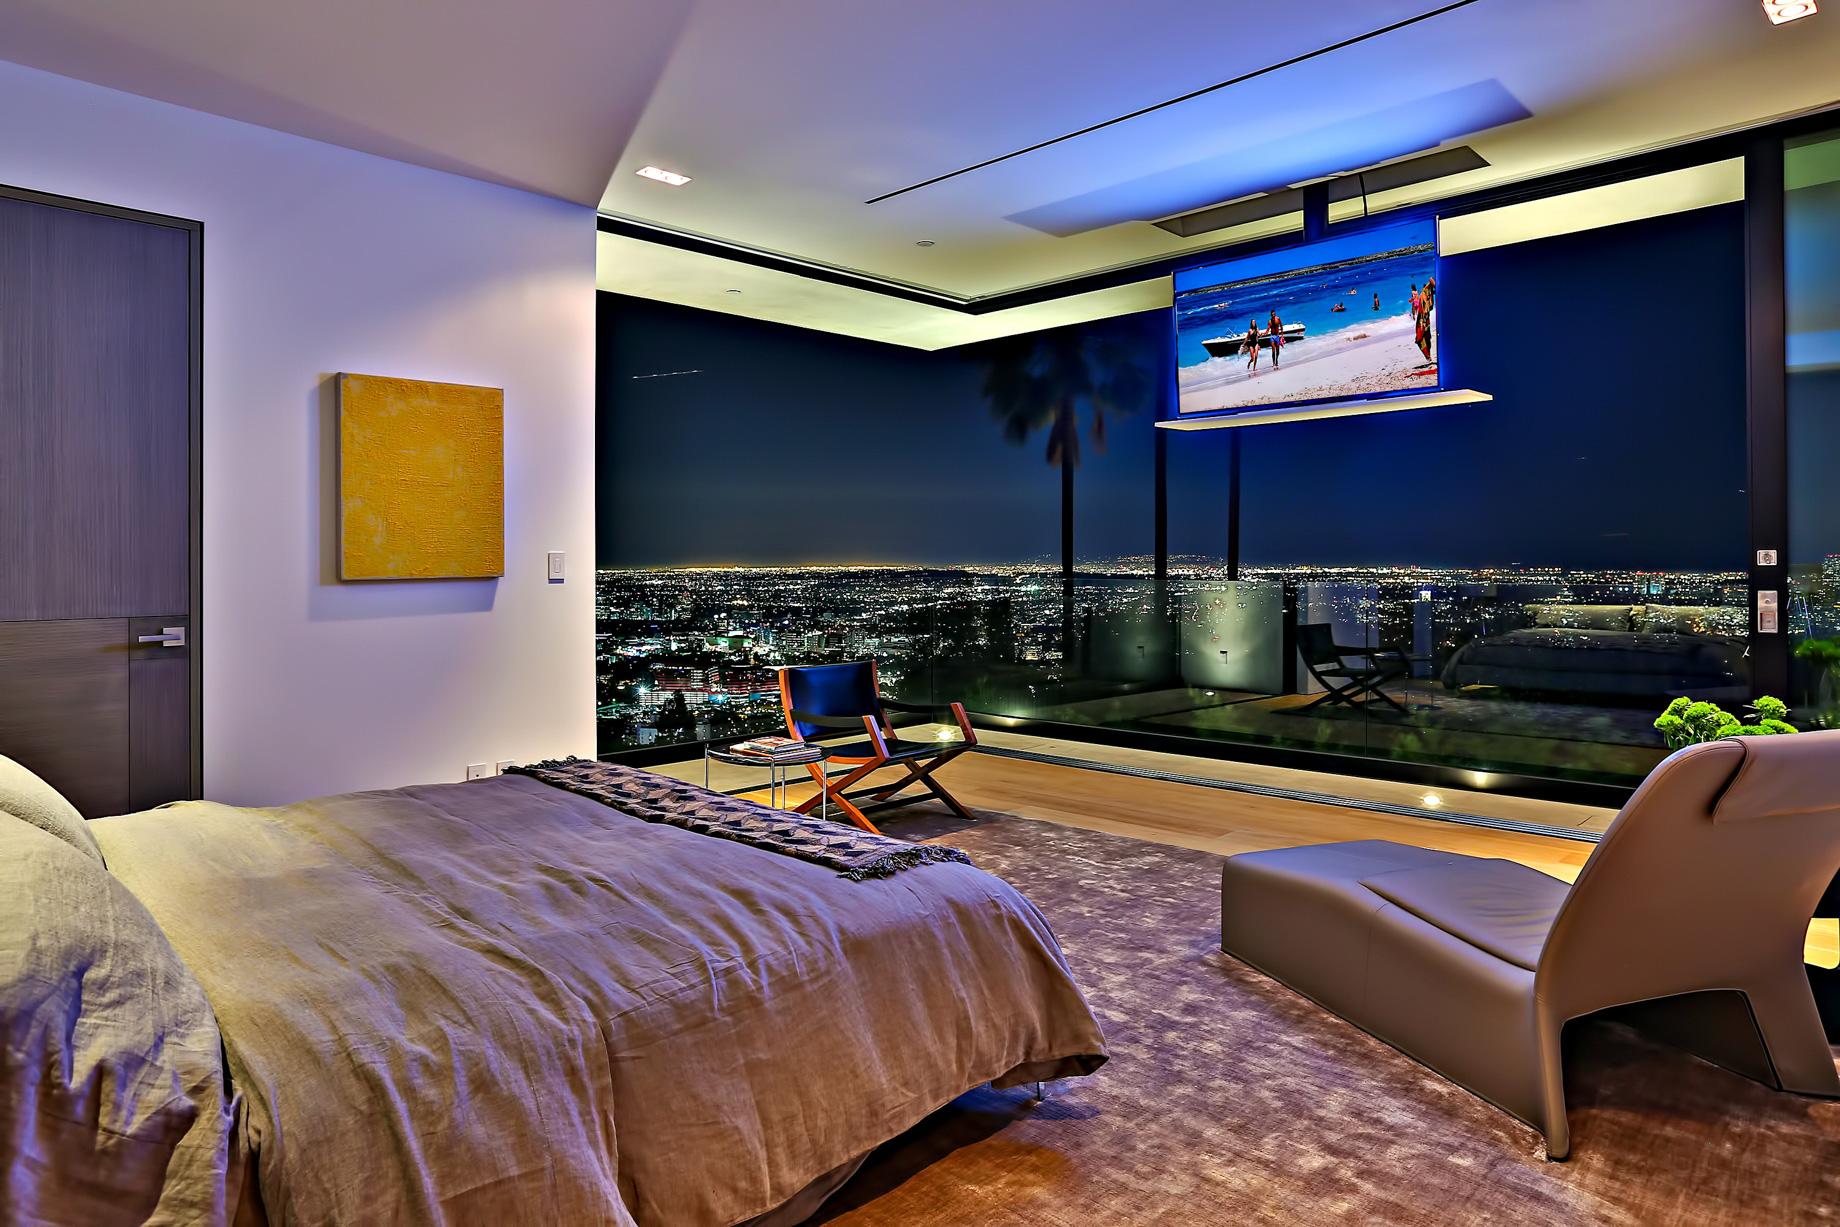 Bird Streets Luxury Contemporary - 9133 Oriole Way, Los Angeles, CA, USA